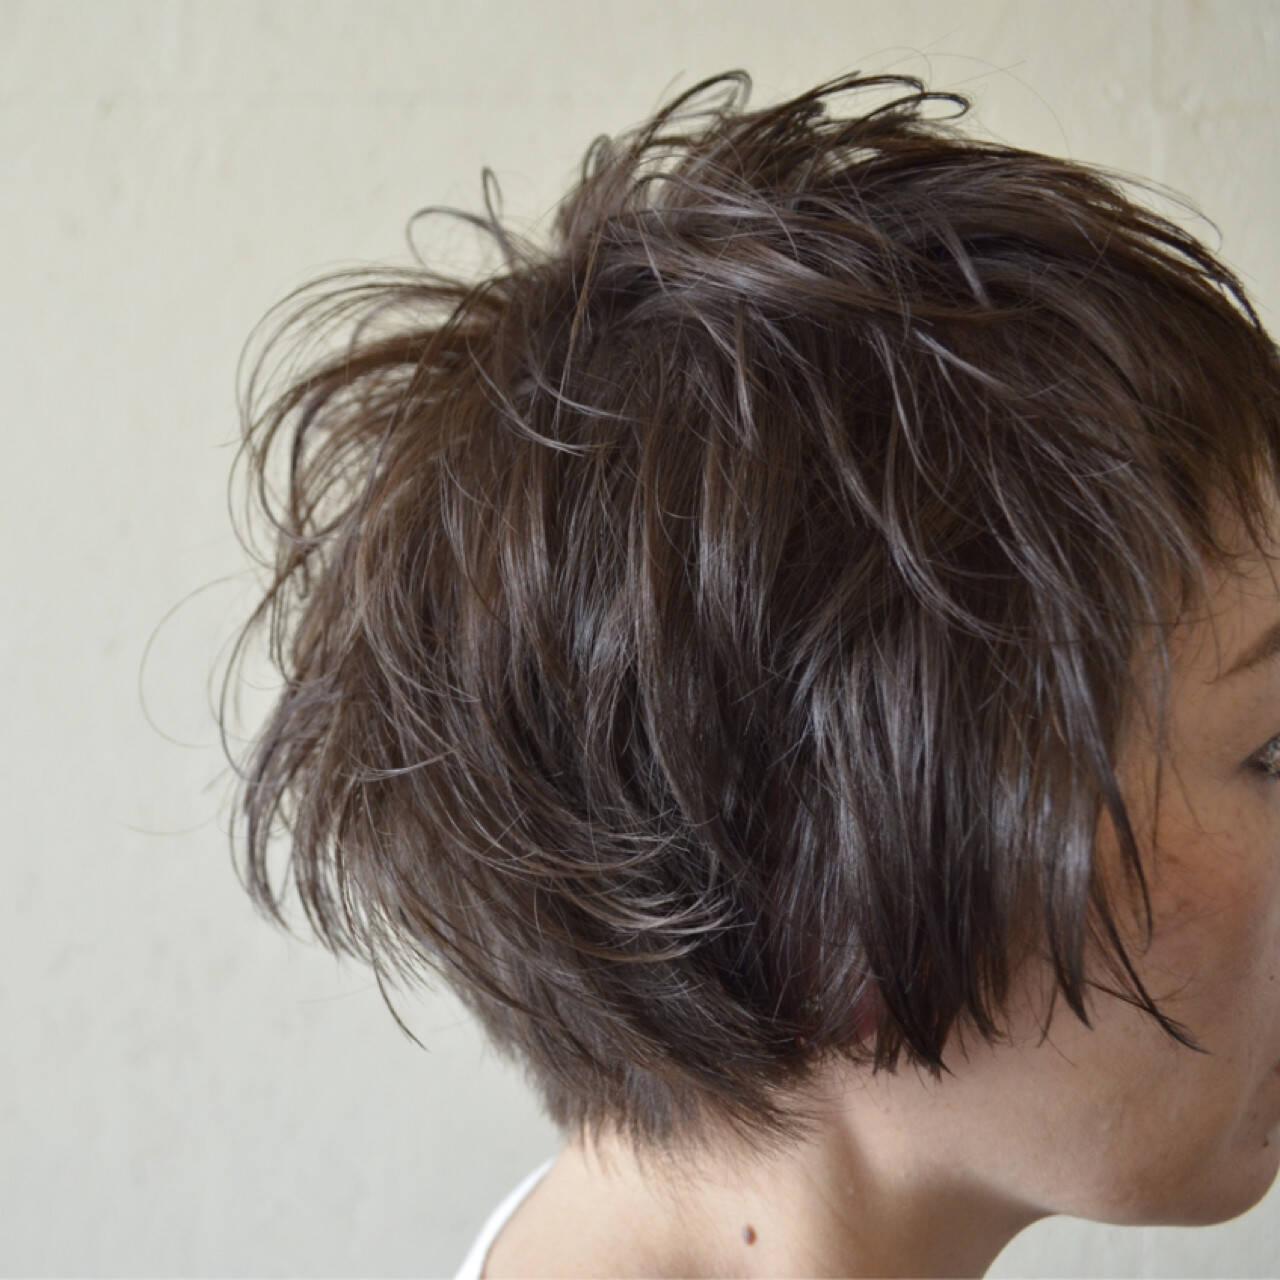 レイヤーカット ショート ウルフカット マッシュヘアスタイルや髪型の写真・画像